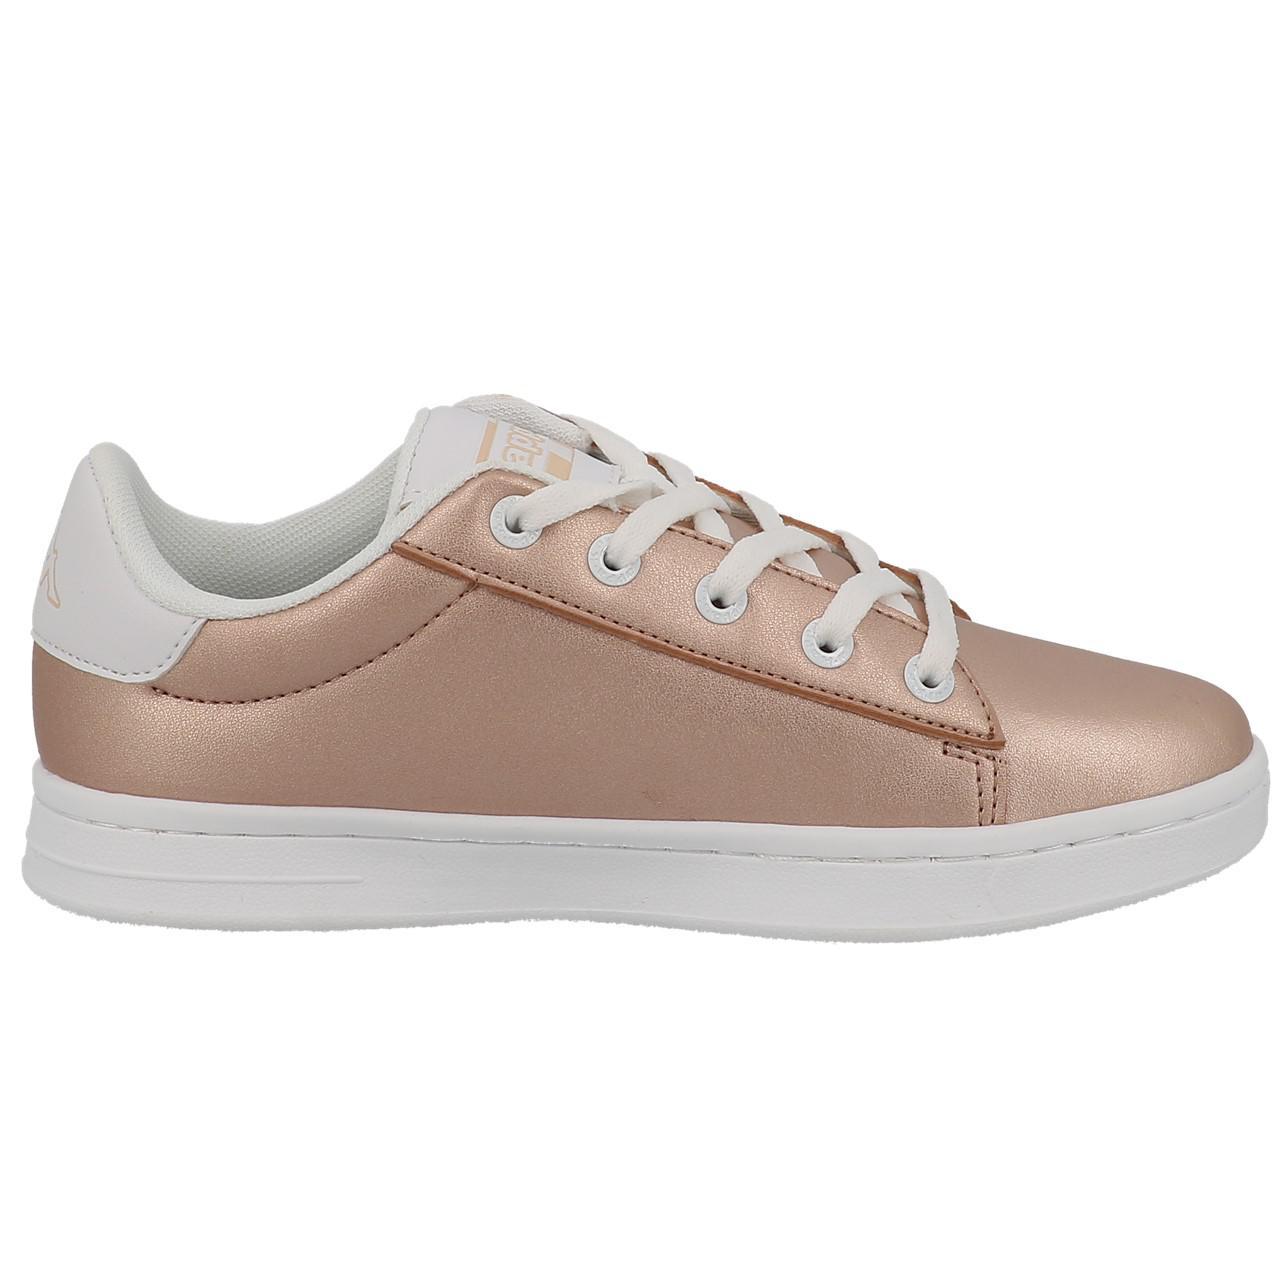 Schuhe-Niedrig-Leder-oder-Faux-Kappa-Tchouri-Schnuersenkel-Rauch-Beige-49612 Indexbild 4